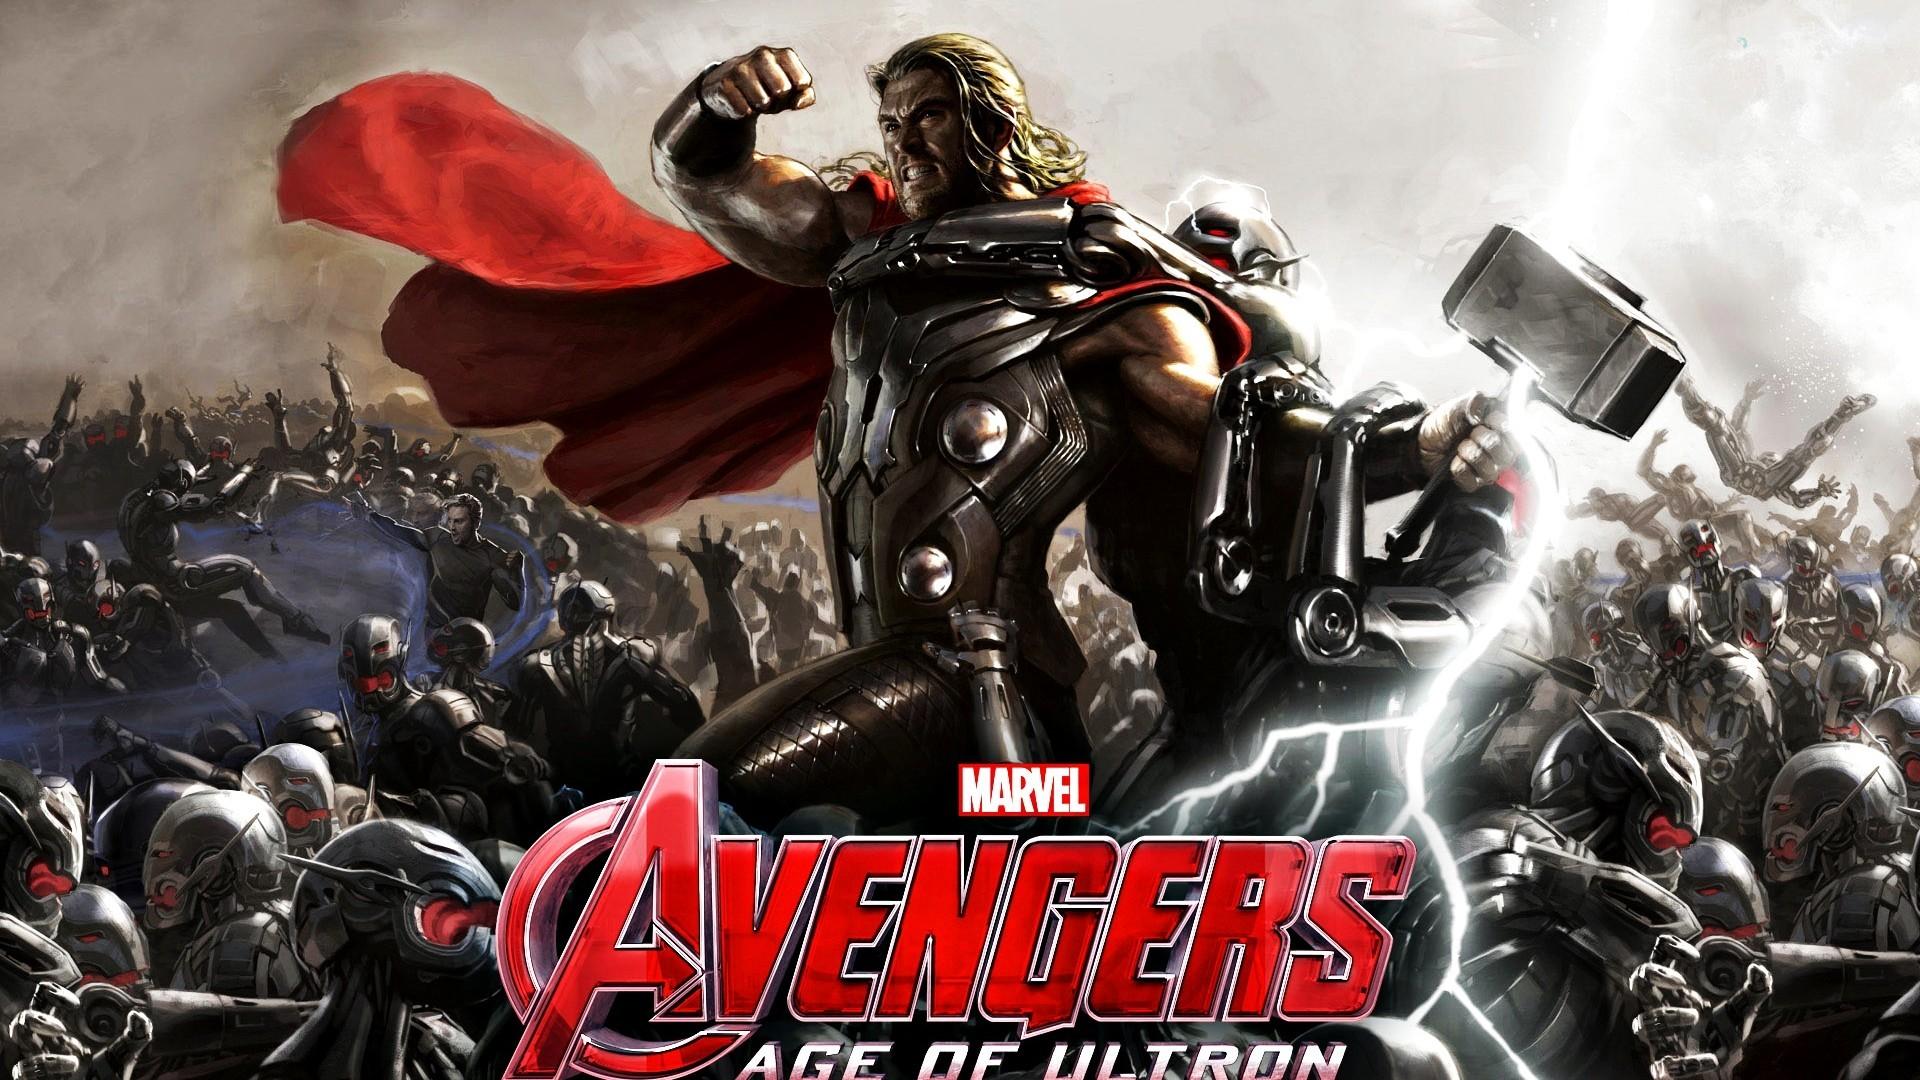 Avengers Wallpapers HD Wallpaper 1600×900 Download HD Wallpapers Of Avengers  (55 Wallpapers)   Adorable Wallpapers   Desktop   Pinterest   Avengers …